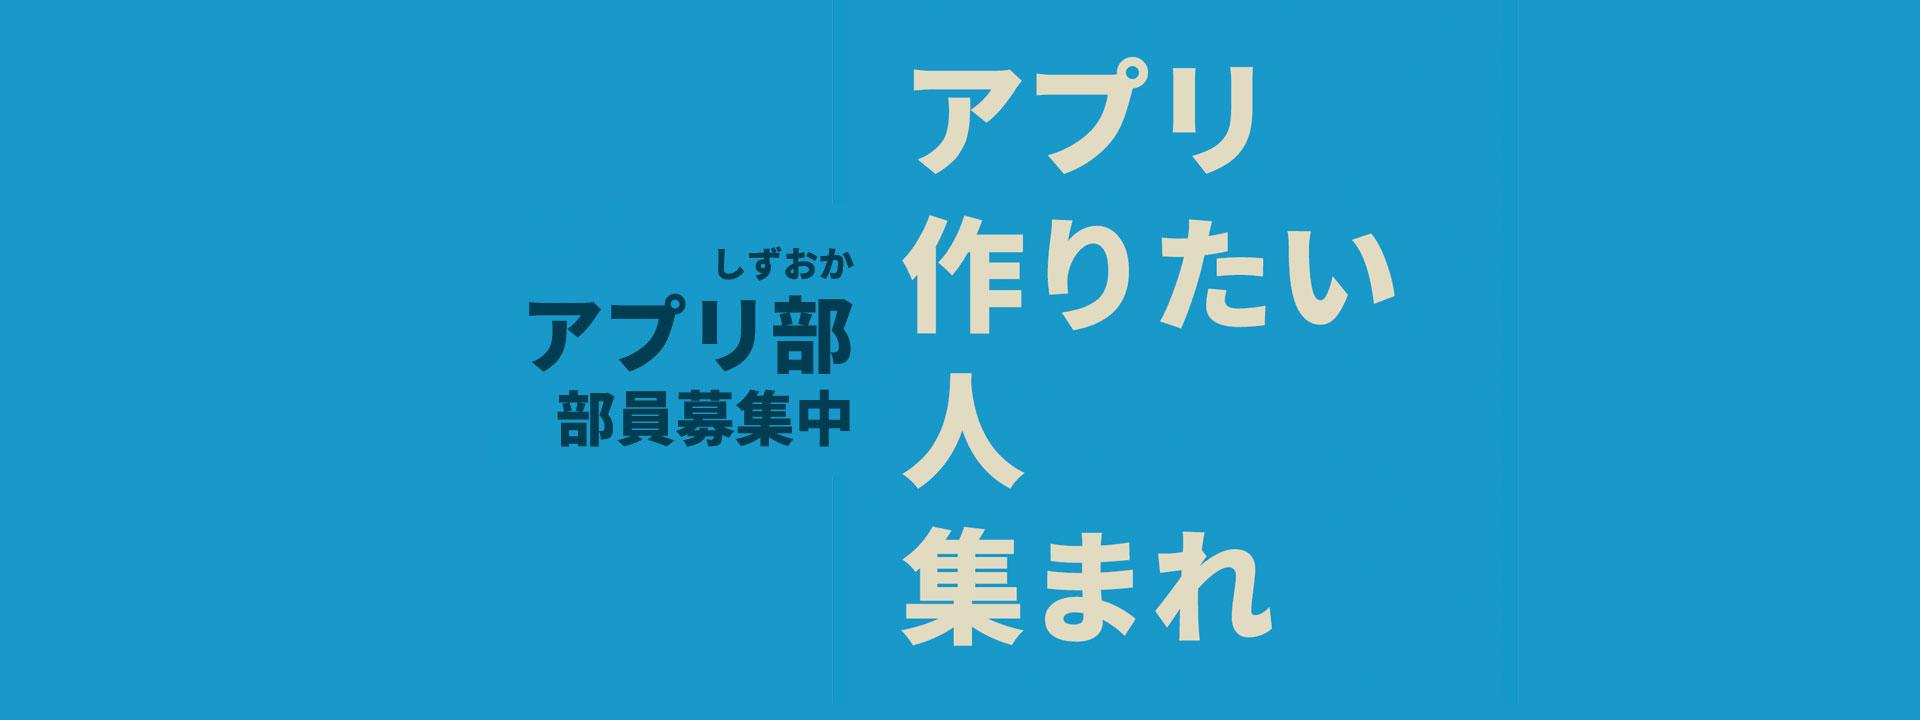 しずおかアプリ部2.jpg